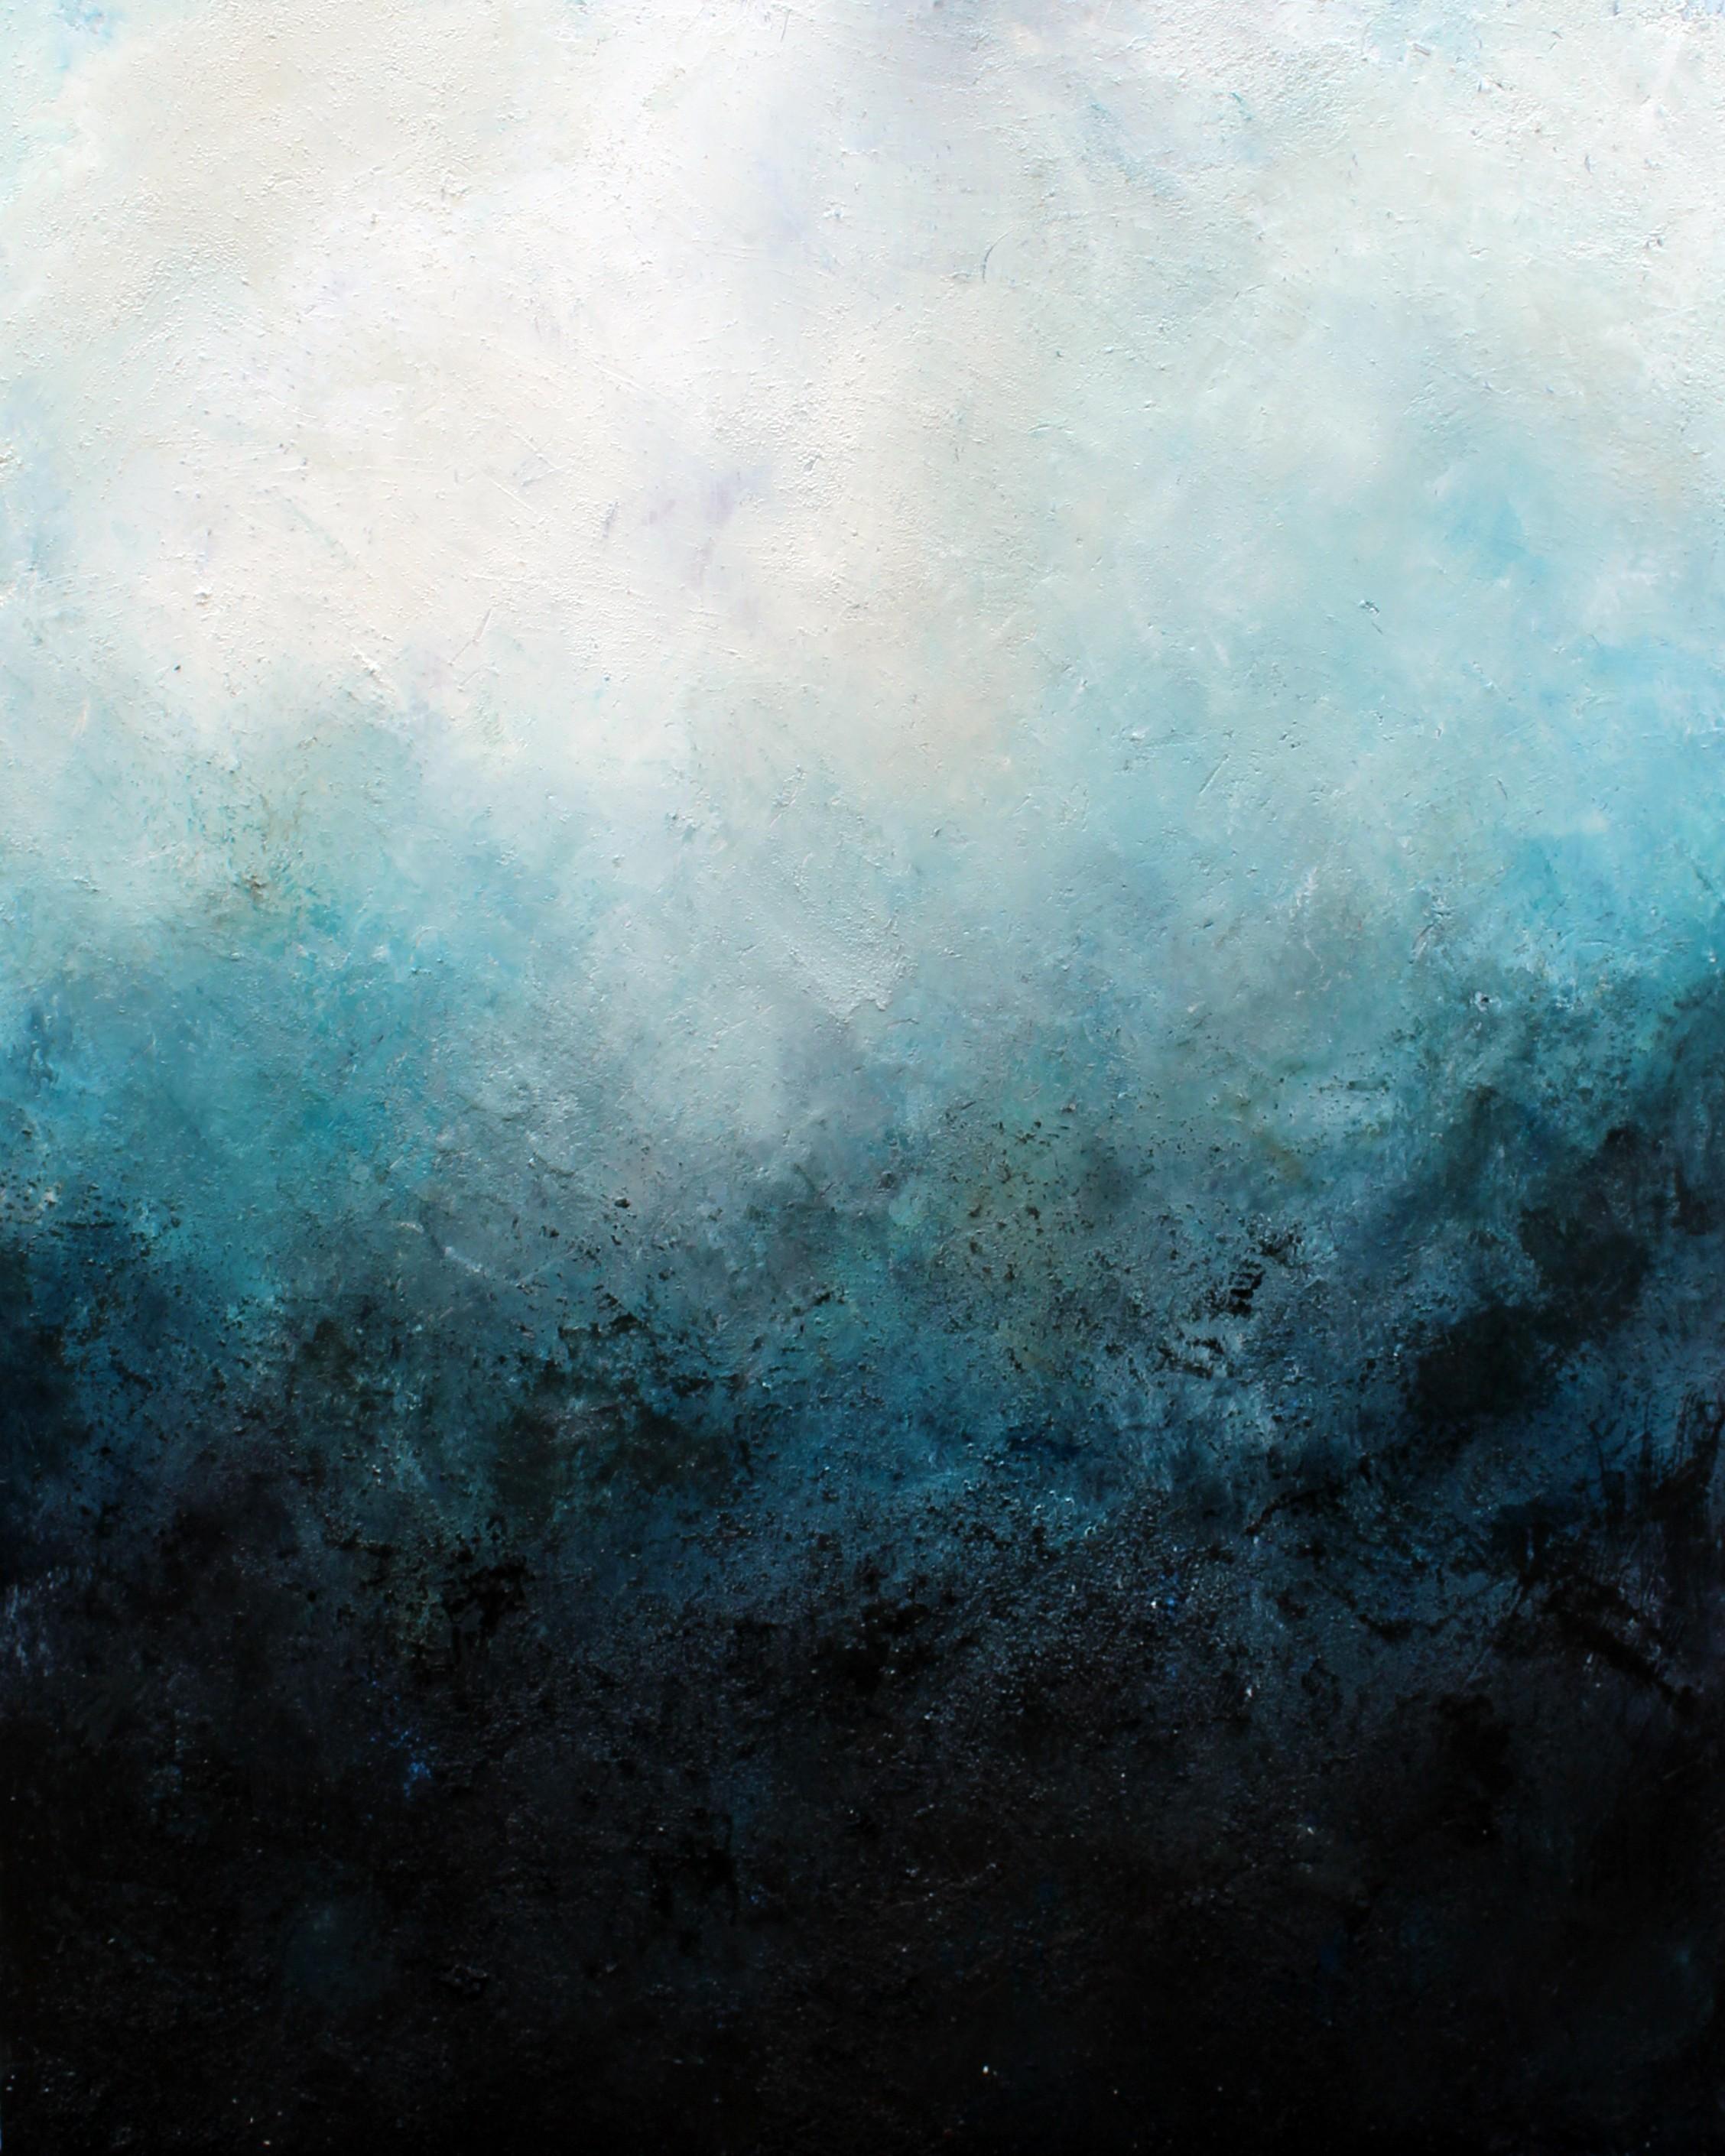 Les bleus à l'âme me reprennent - Nathalie Dumontier - KAZoART